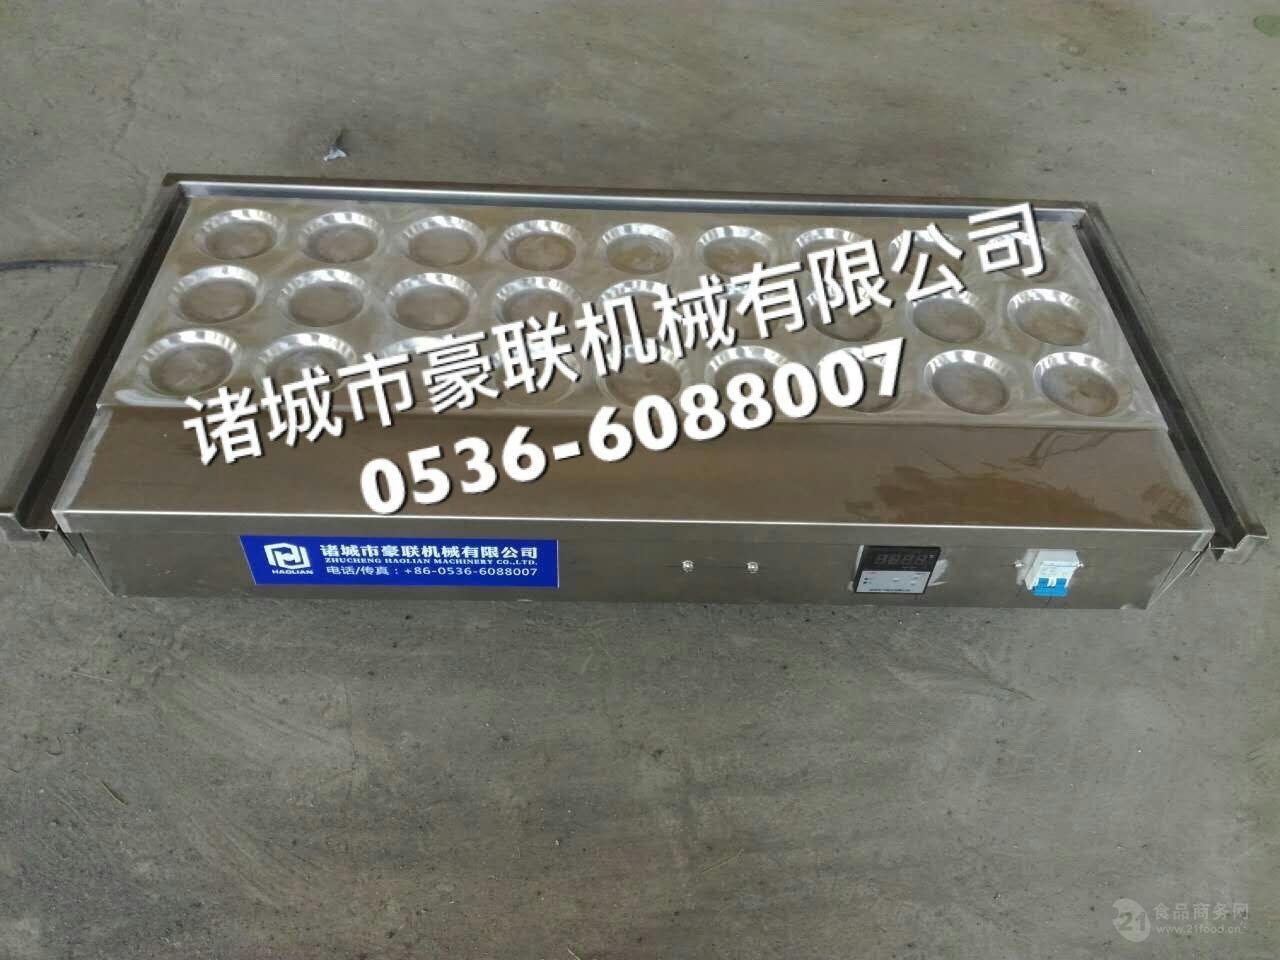 豪联牌HLJ-27优质不锈钢式27孔煎蛋机